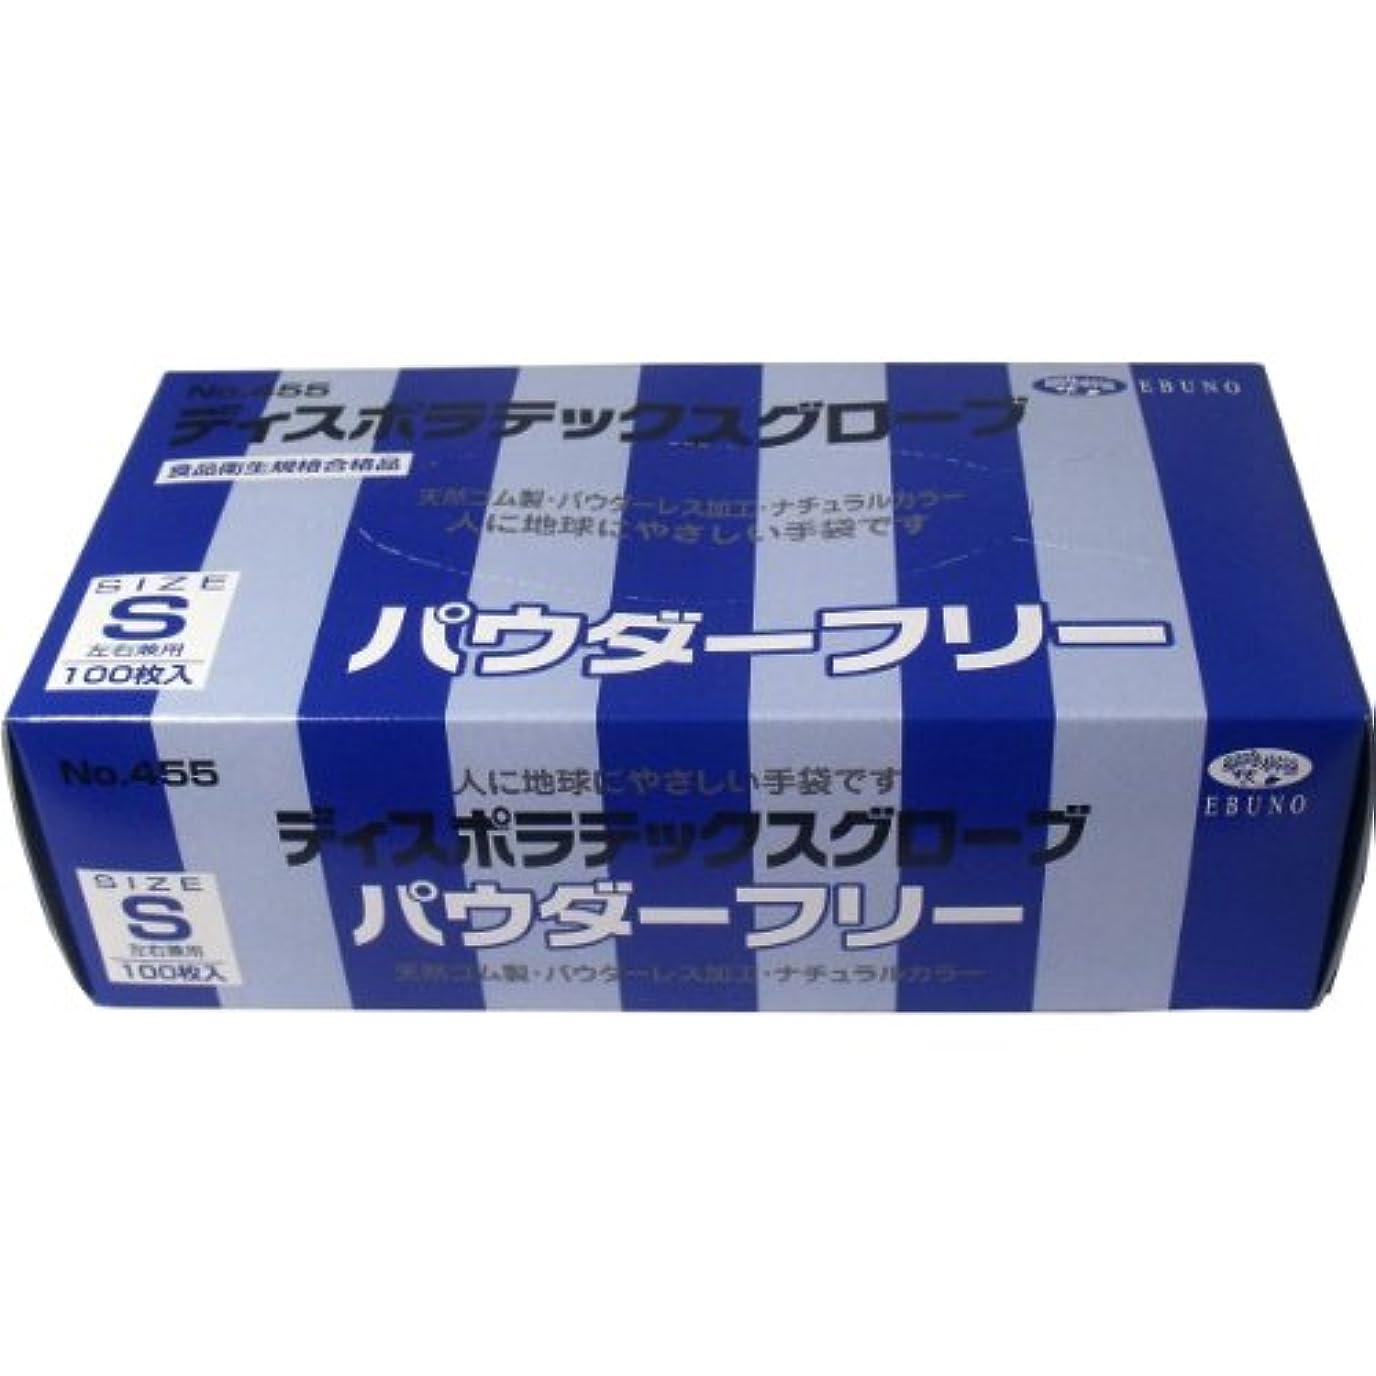 ディスポ ラテックスグローブ(天然ゴム手袋) パウダーフリー Sサイズ 100枚入×2個セット